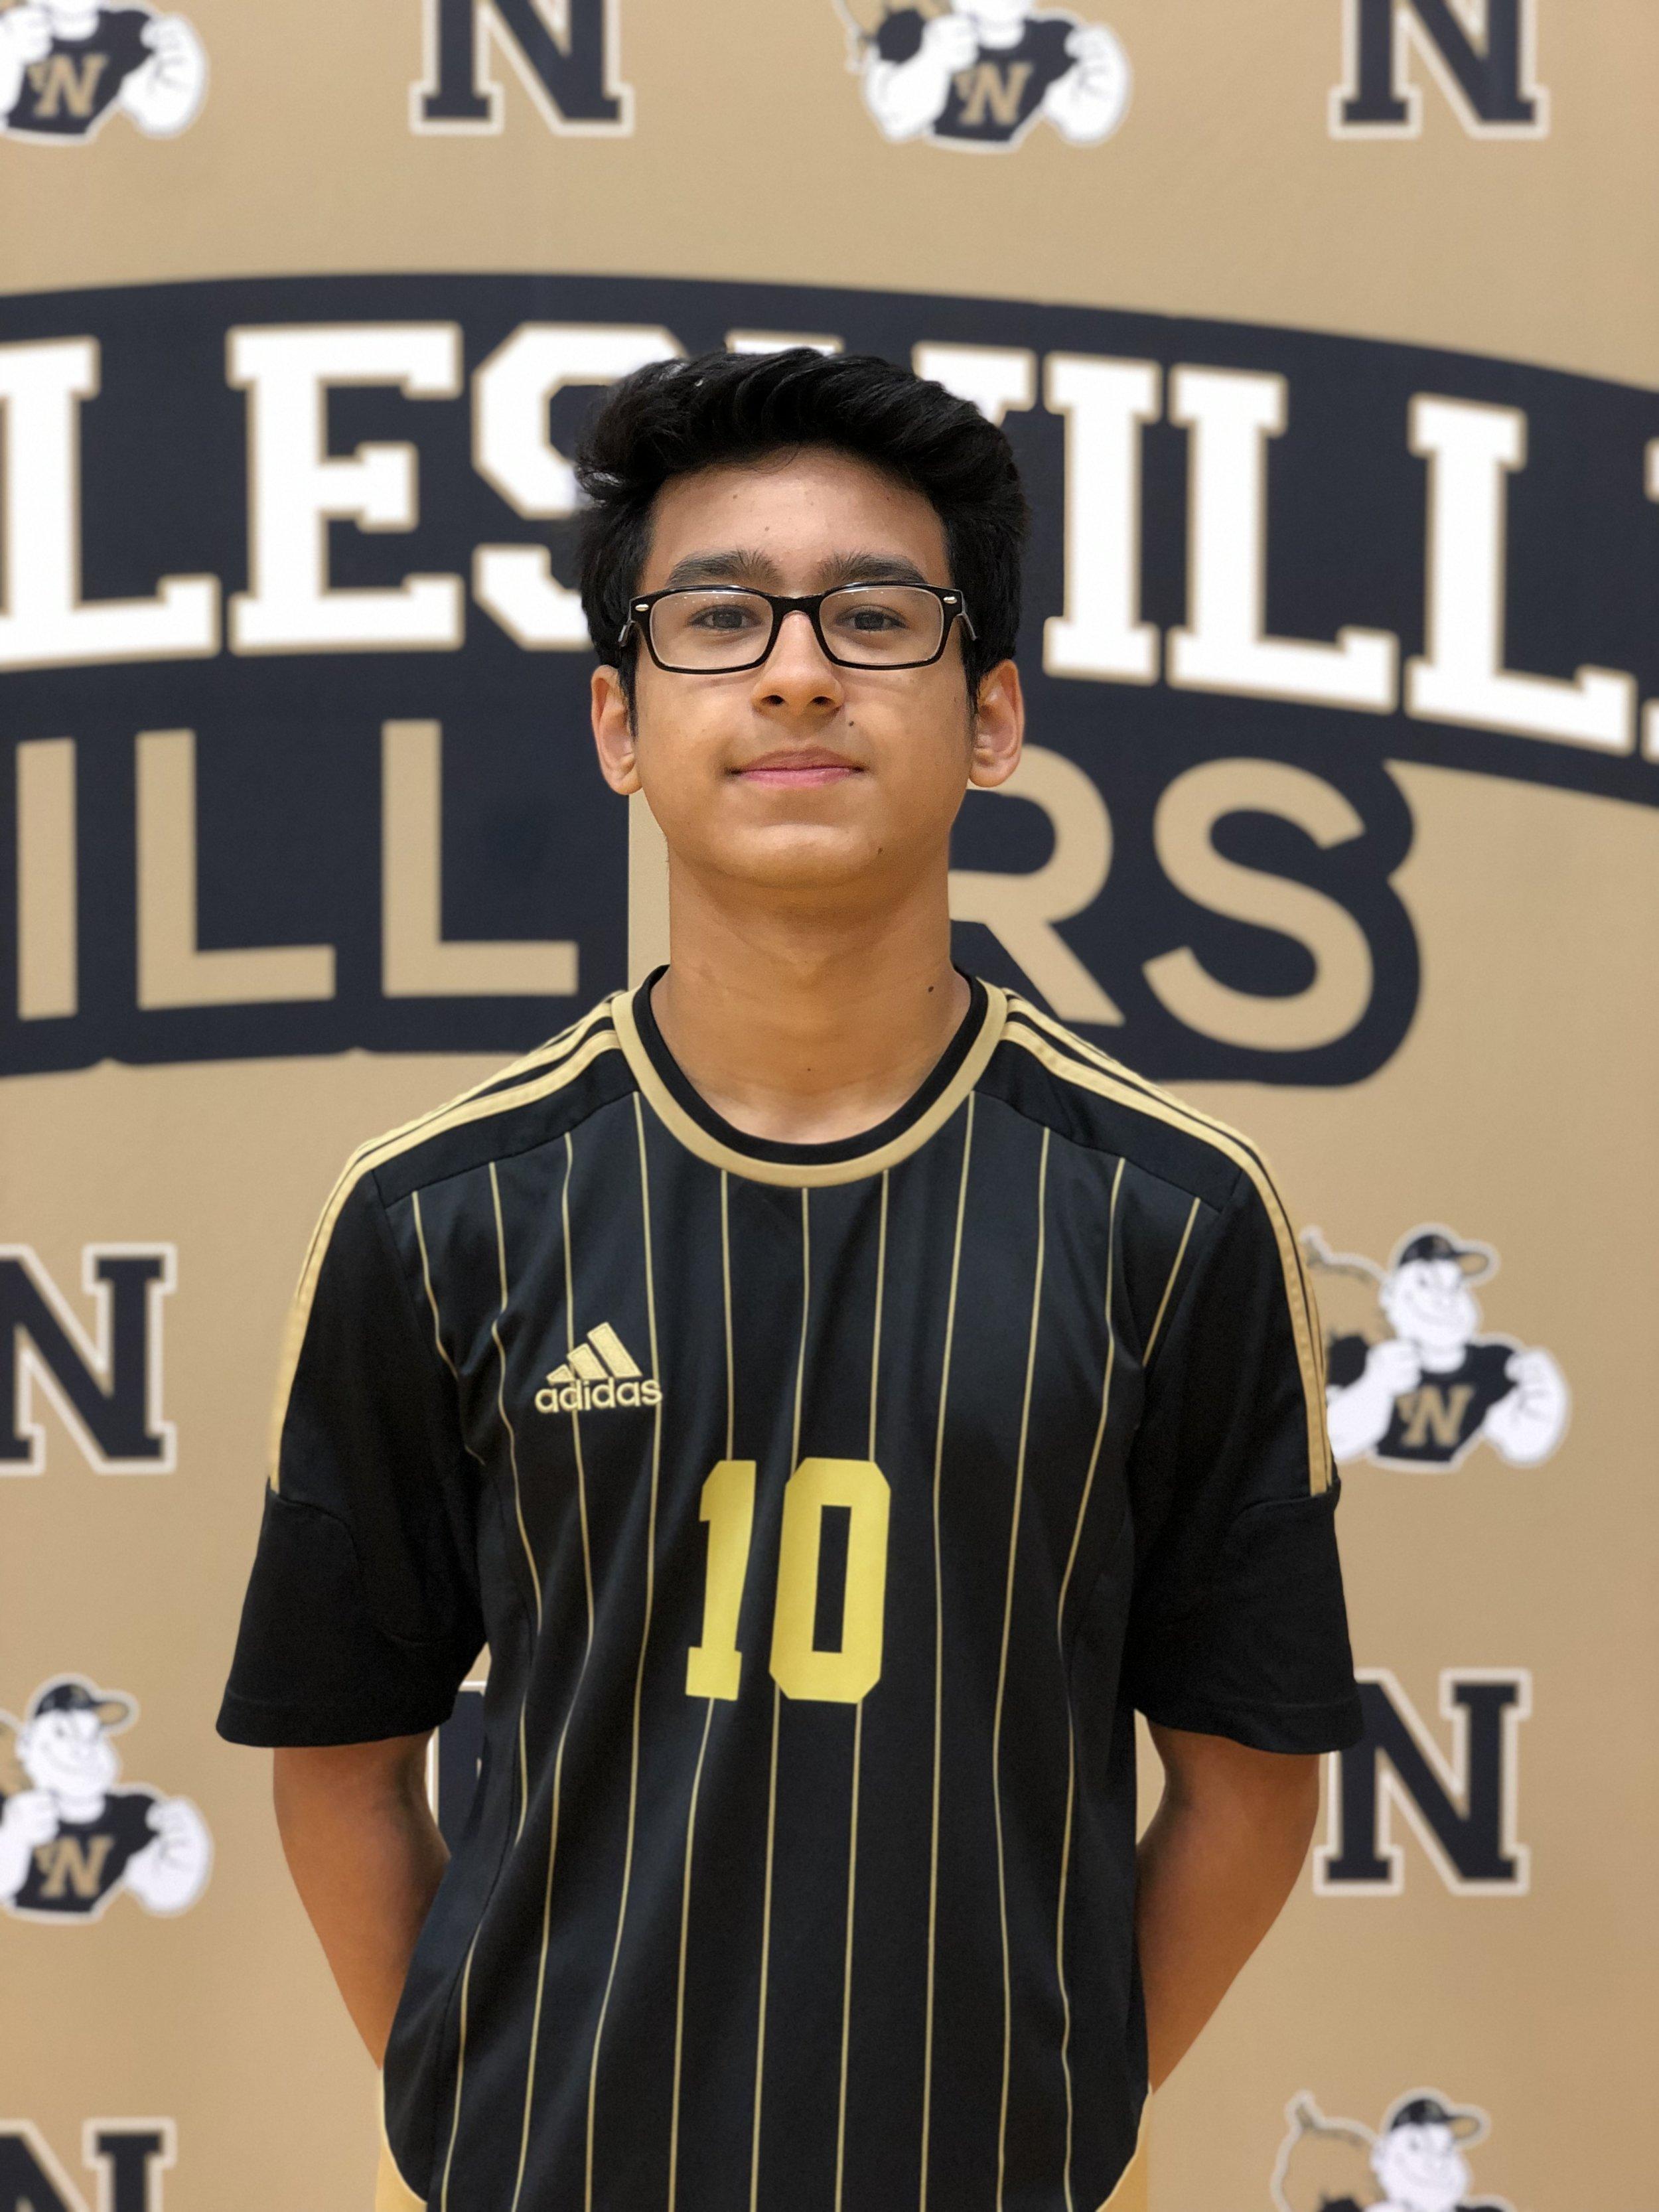 #10 Bryan Hernandez (F) Class of 2022